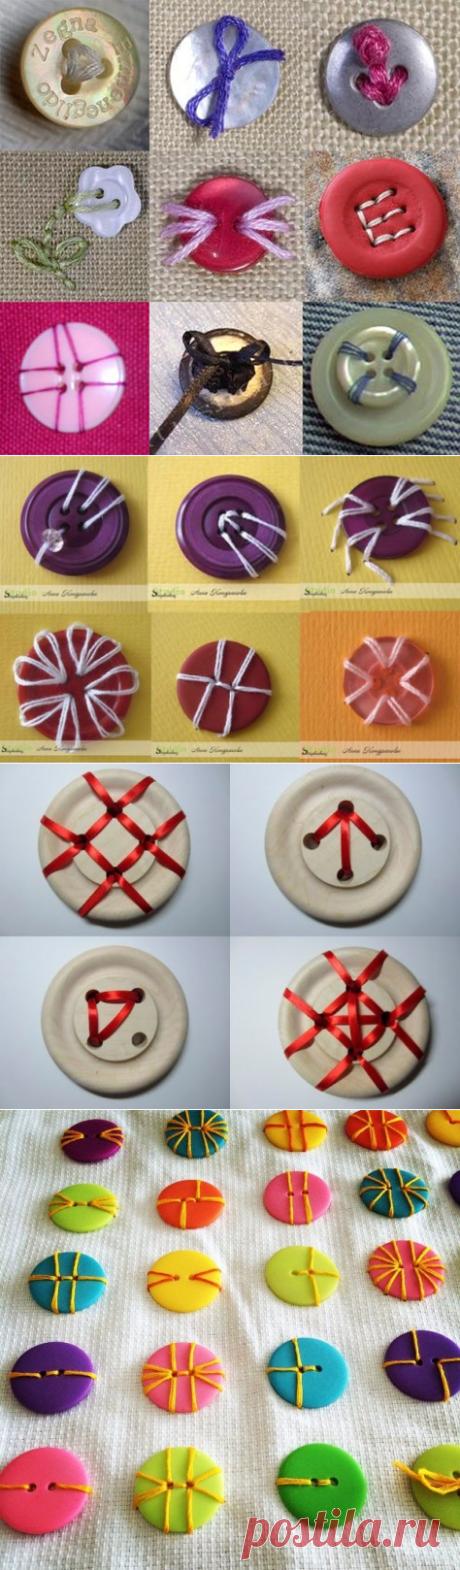 Интересные способы пришить пуговицу — Сделай сам, идеи для творчества - DIY Ideas